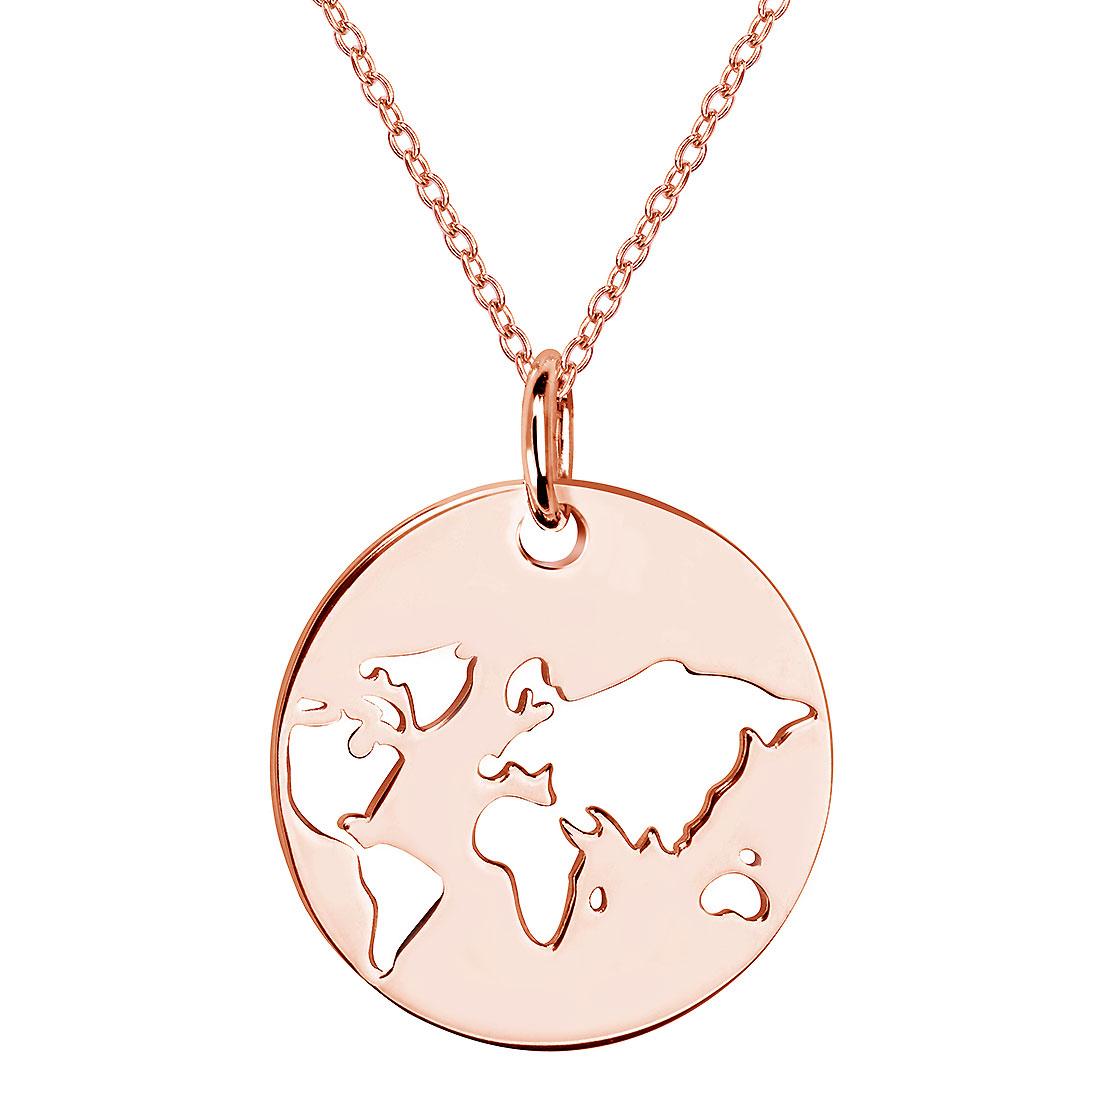 MATERIA Rosegold Anhänger Weltkarte Globus mit Kette 925 Silber vergoldet